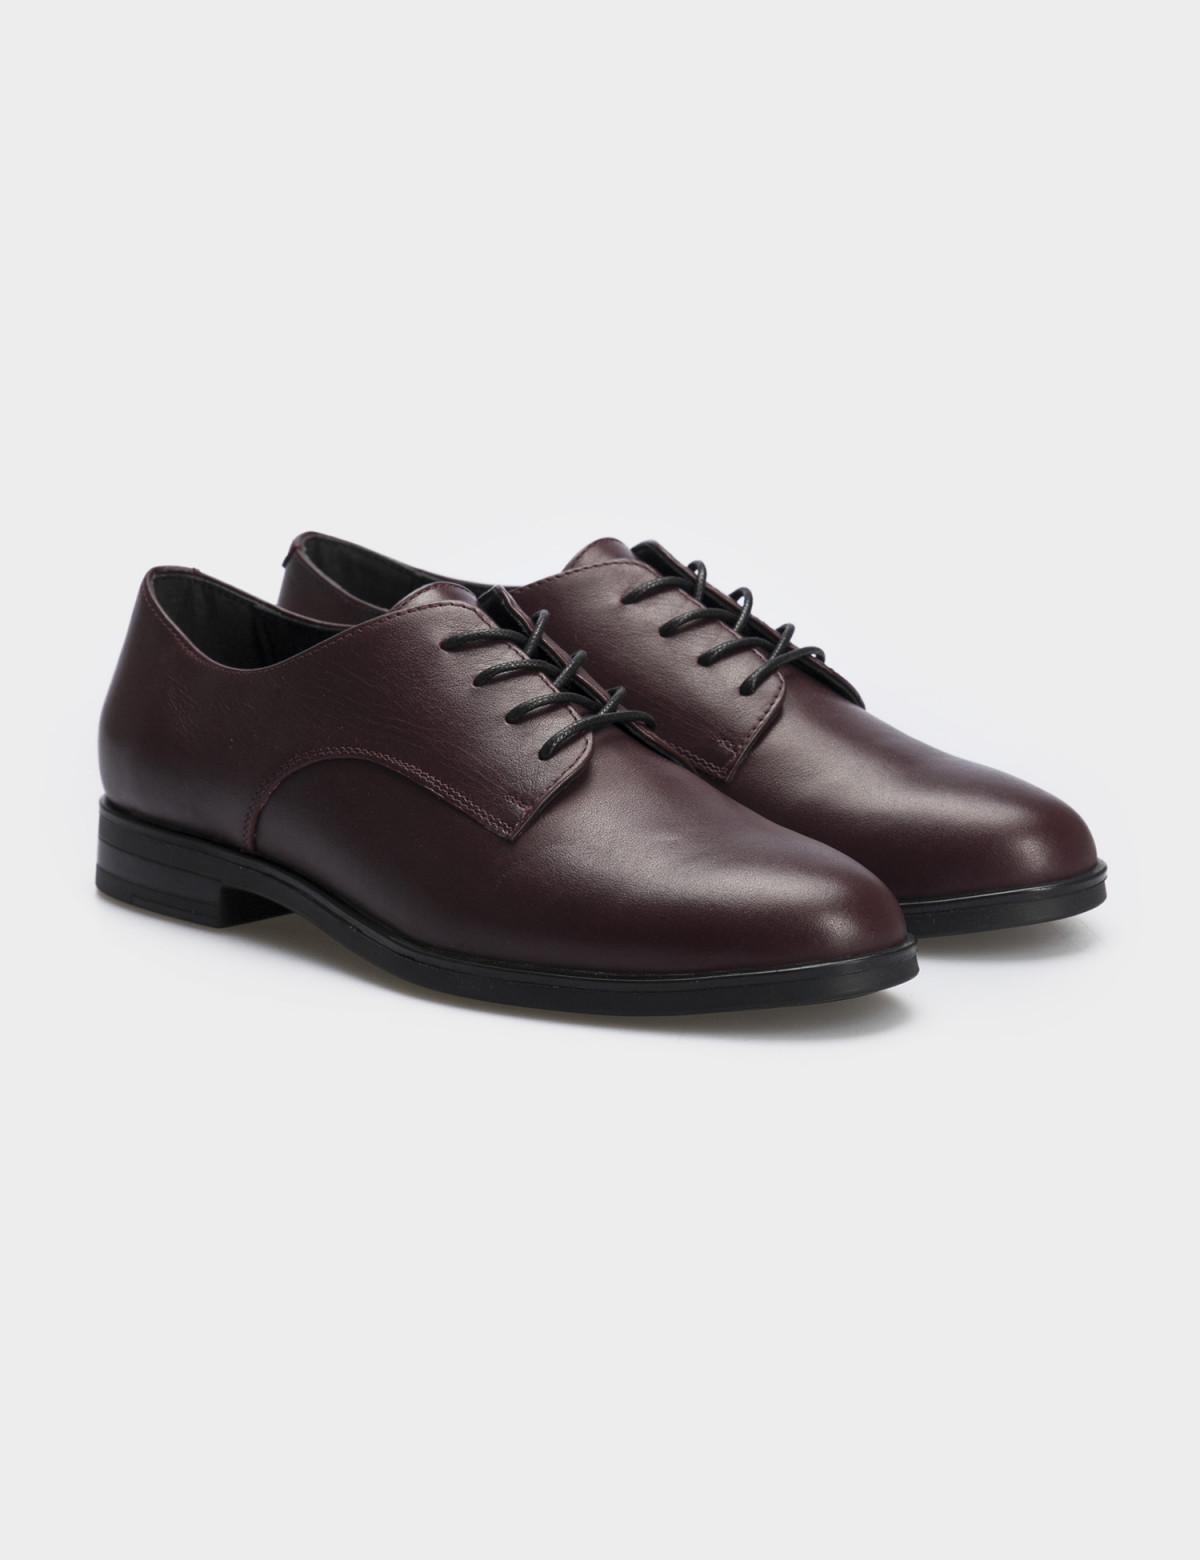 Туфли бордовые, натуральная кожа1